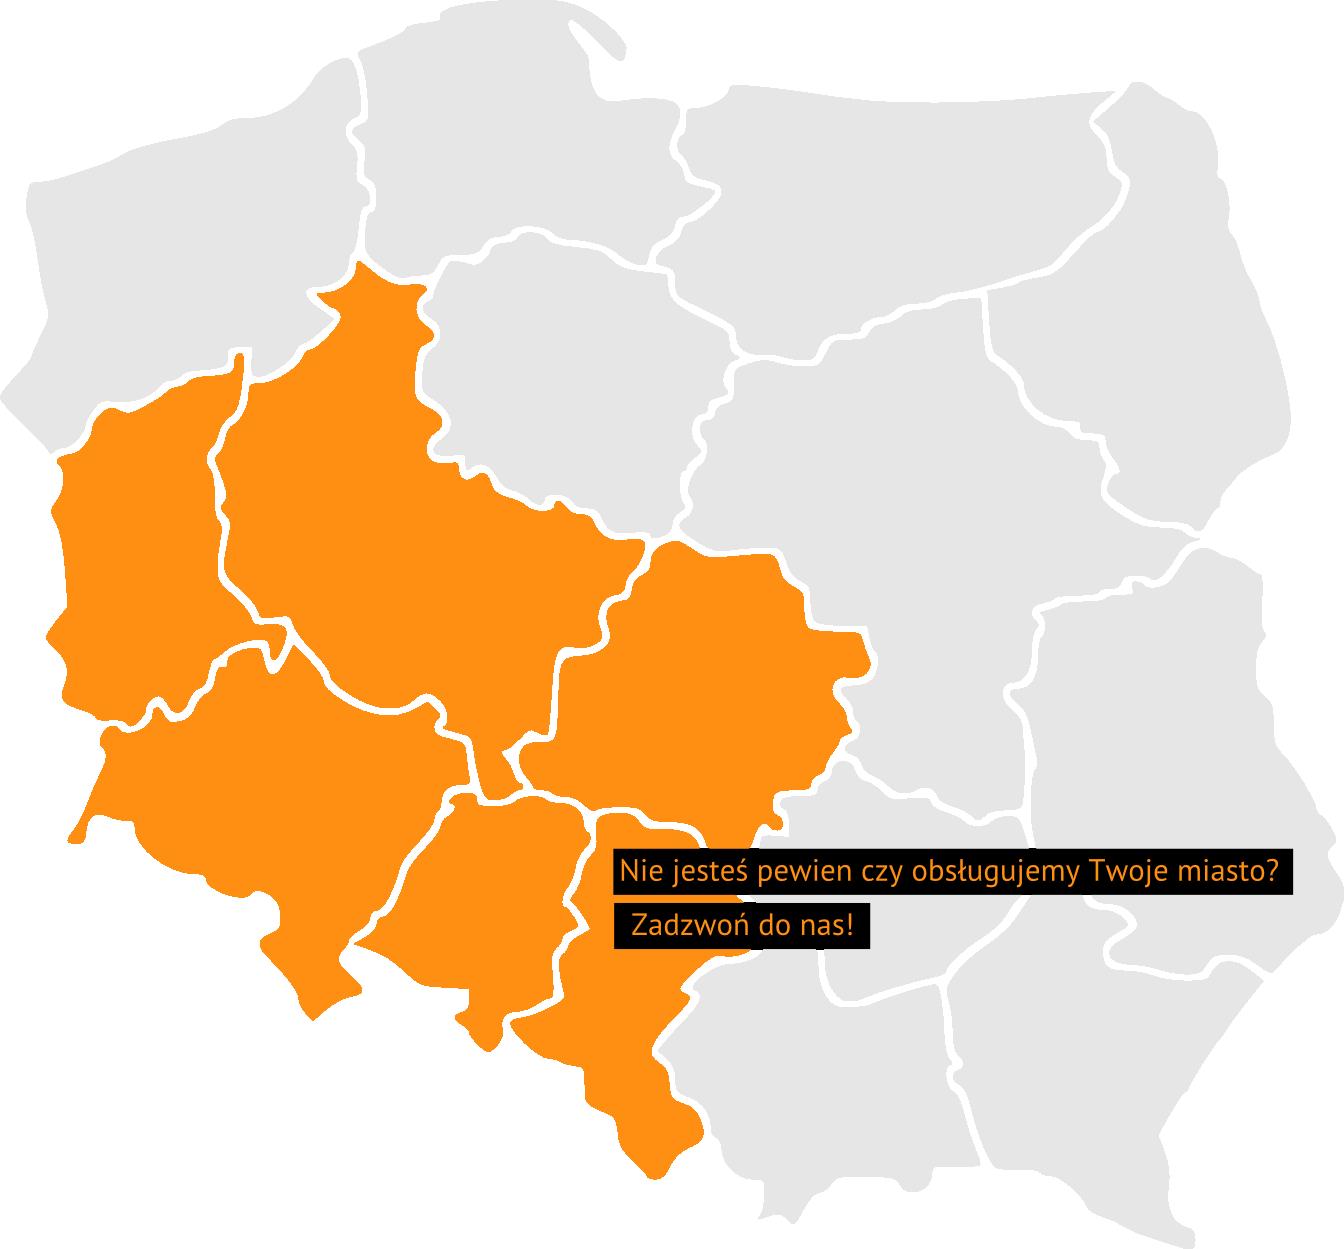 mapa-polski-sprzedaz-pojazdow-mala-2017